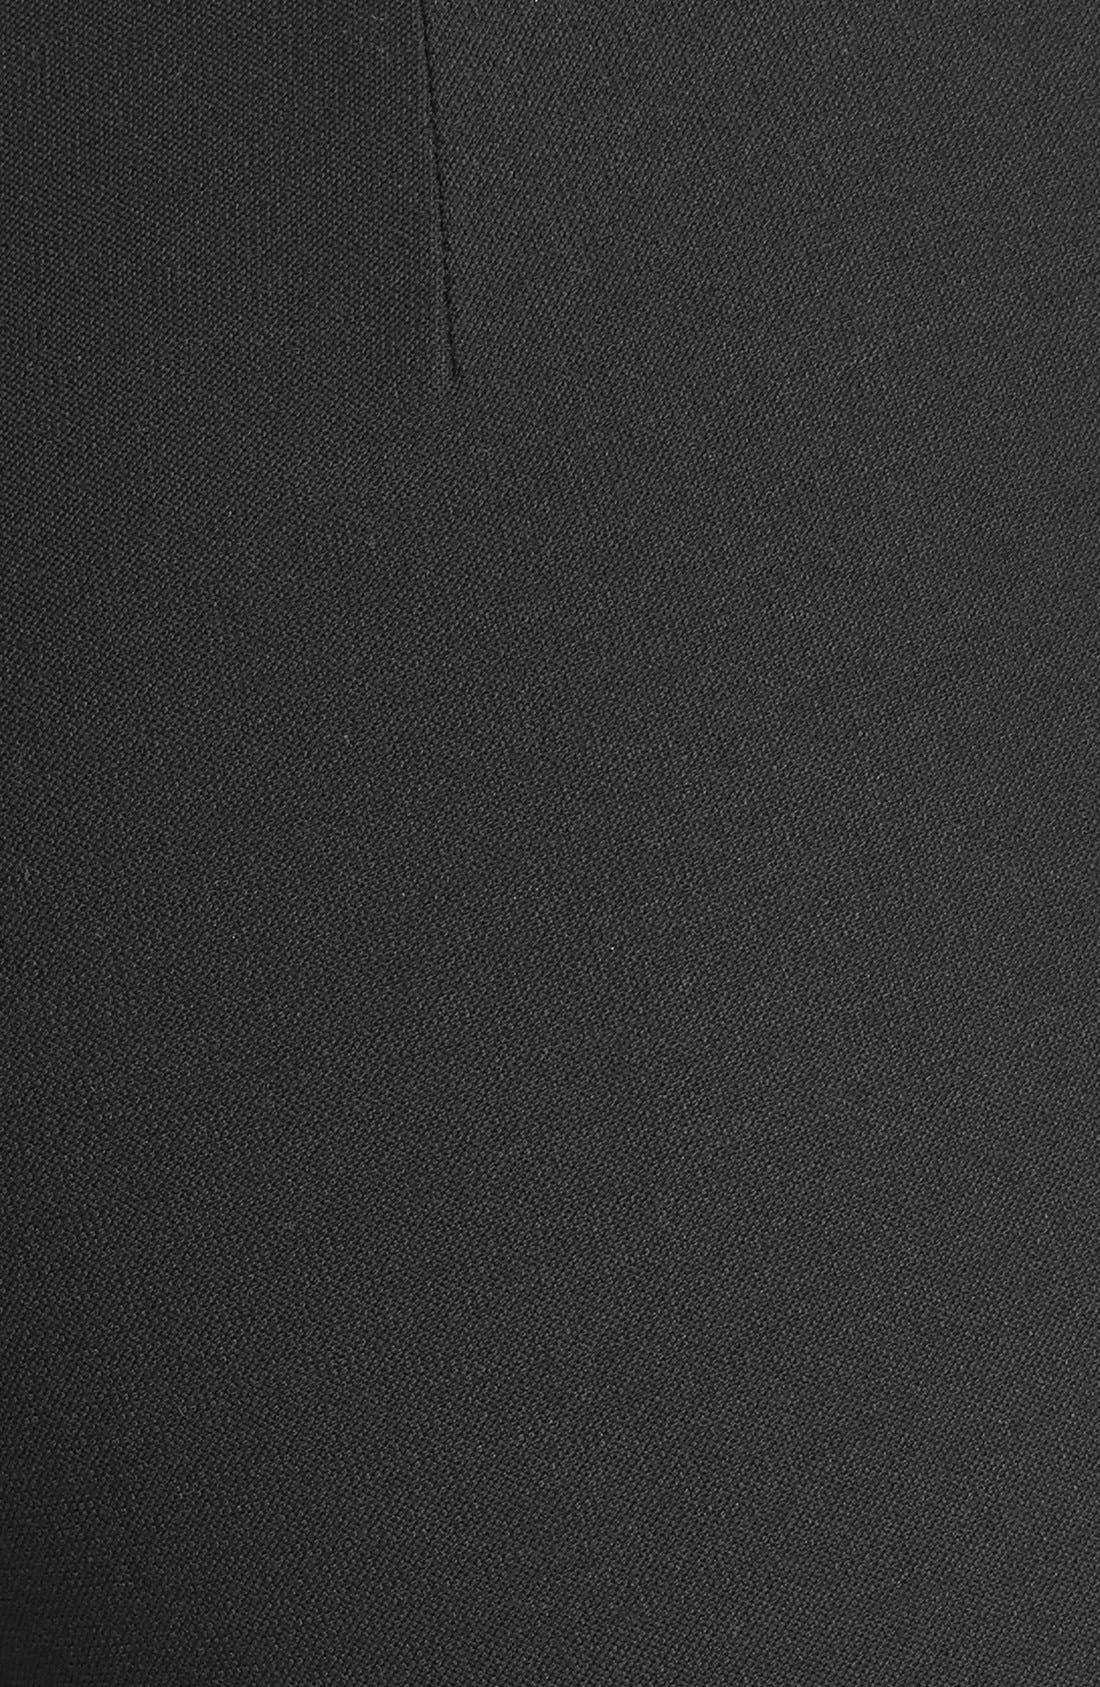 Straight Yoke Slim Crepe Knit Pants,                             Alternate thumbnail 3, color,                             Black